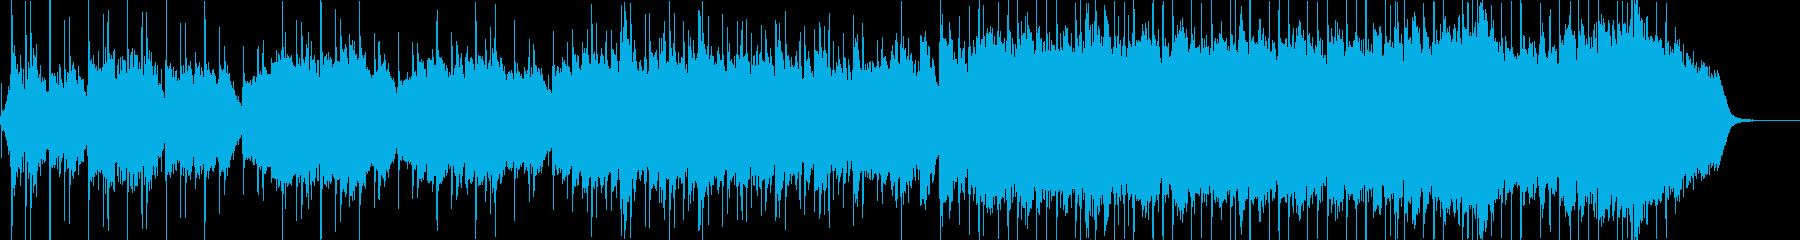 喜多郎風の和風ドラマチックBGMの再生済みの波形